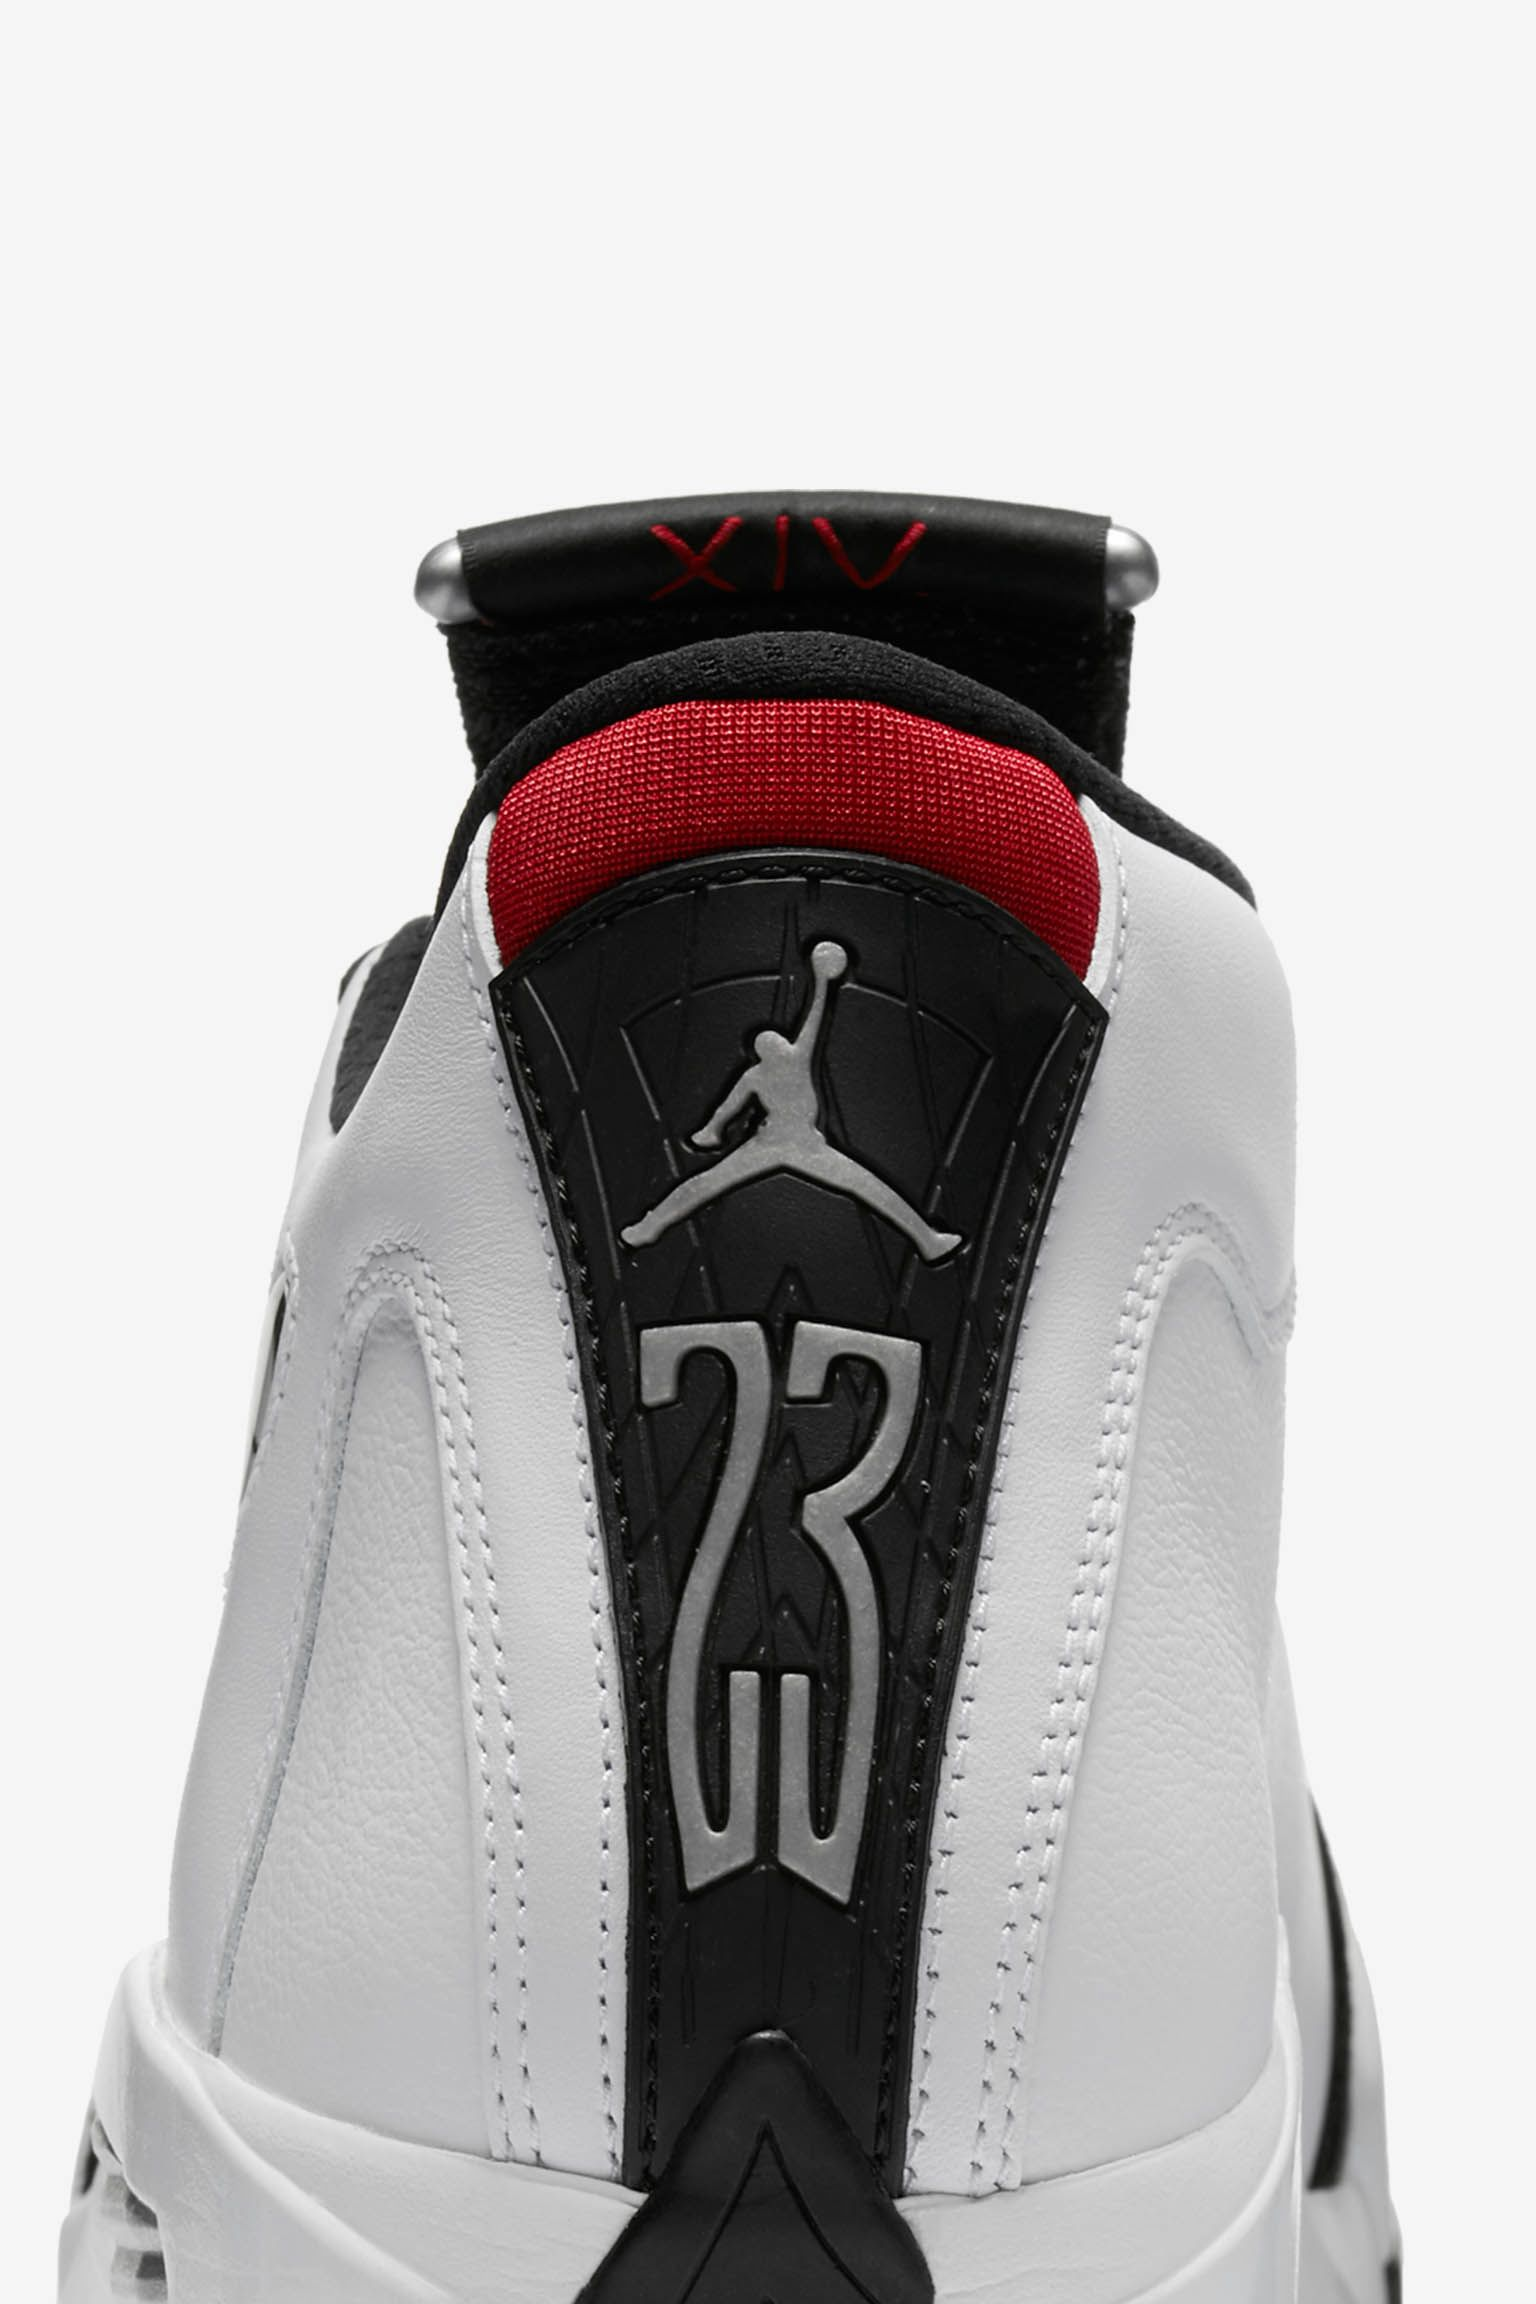 Air Jordan 14 Retro 'Black Toe'